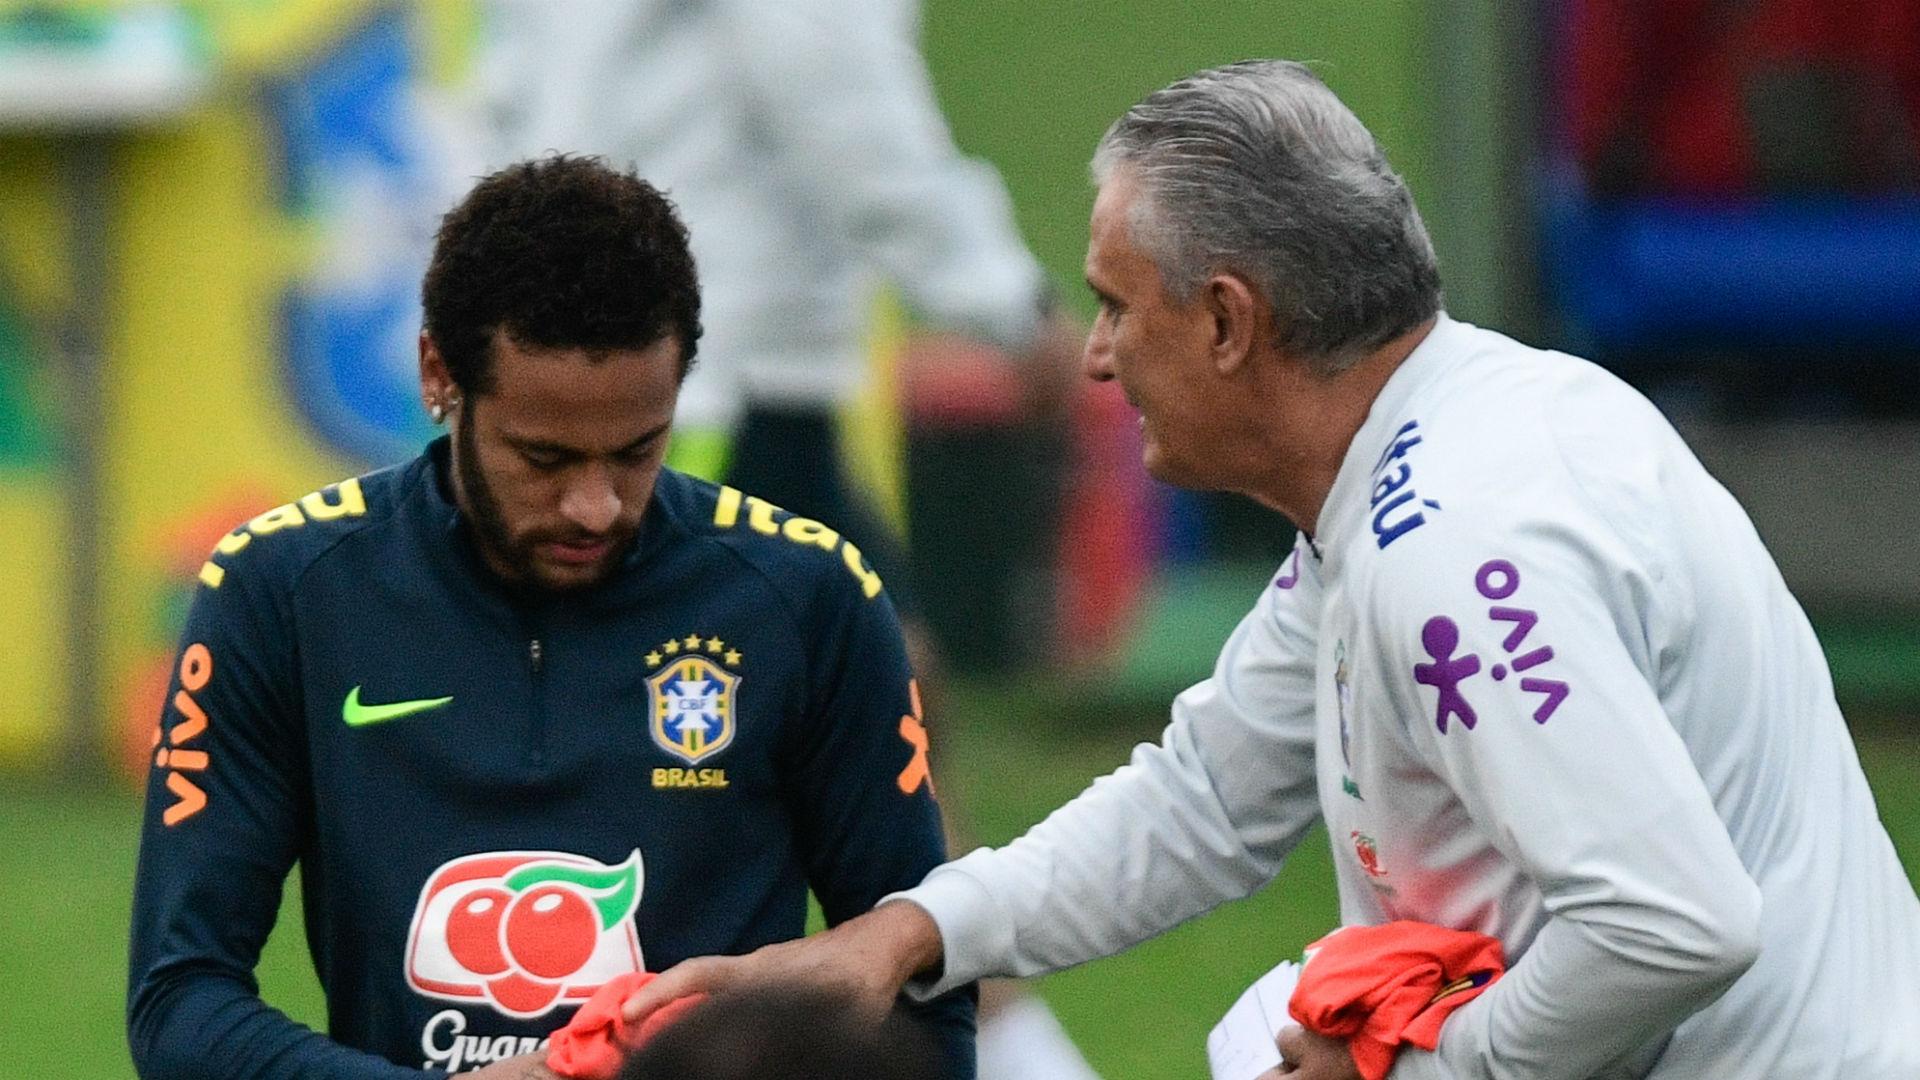 VIDEO - Tite révèle comment il a destitué Neymar du brassard de capitaine